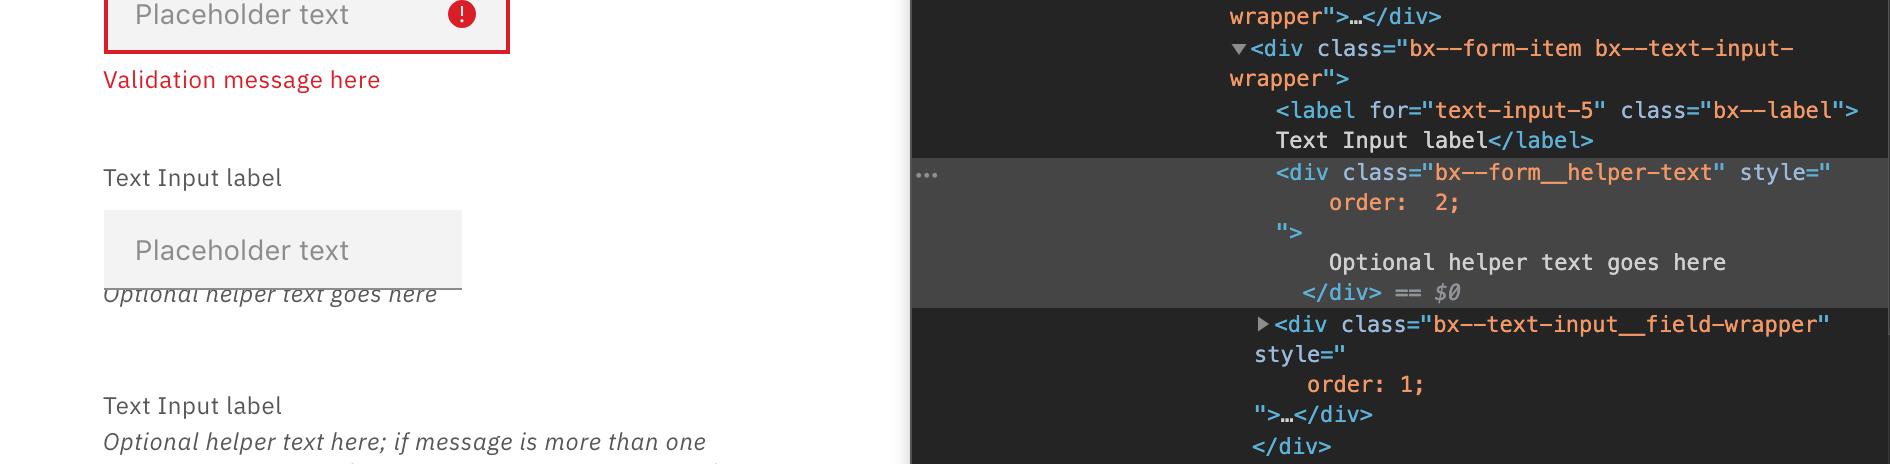 Screen Shot 2019-04-19 at 4 09 48 PM